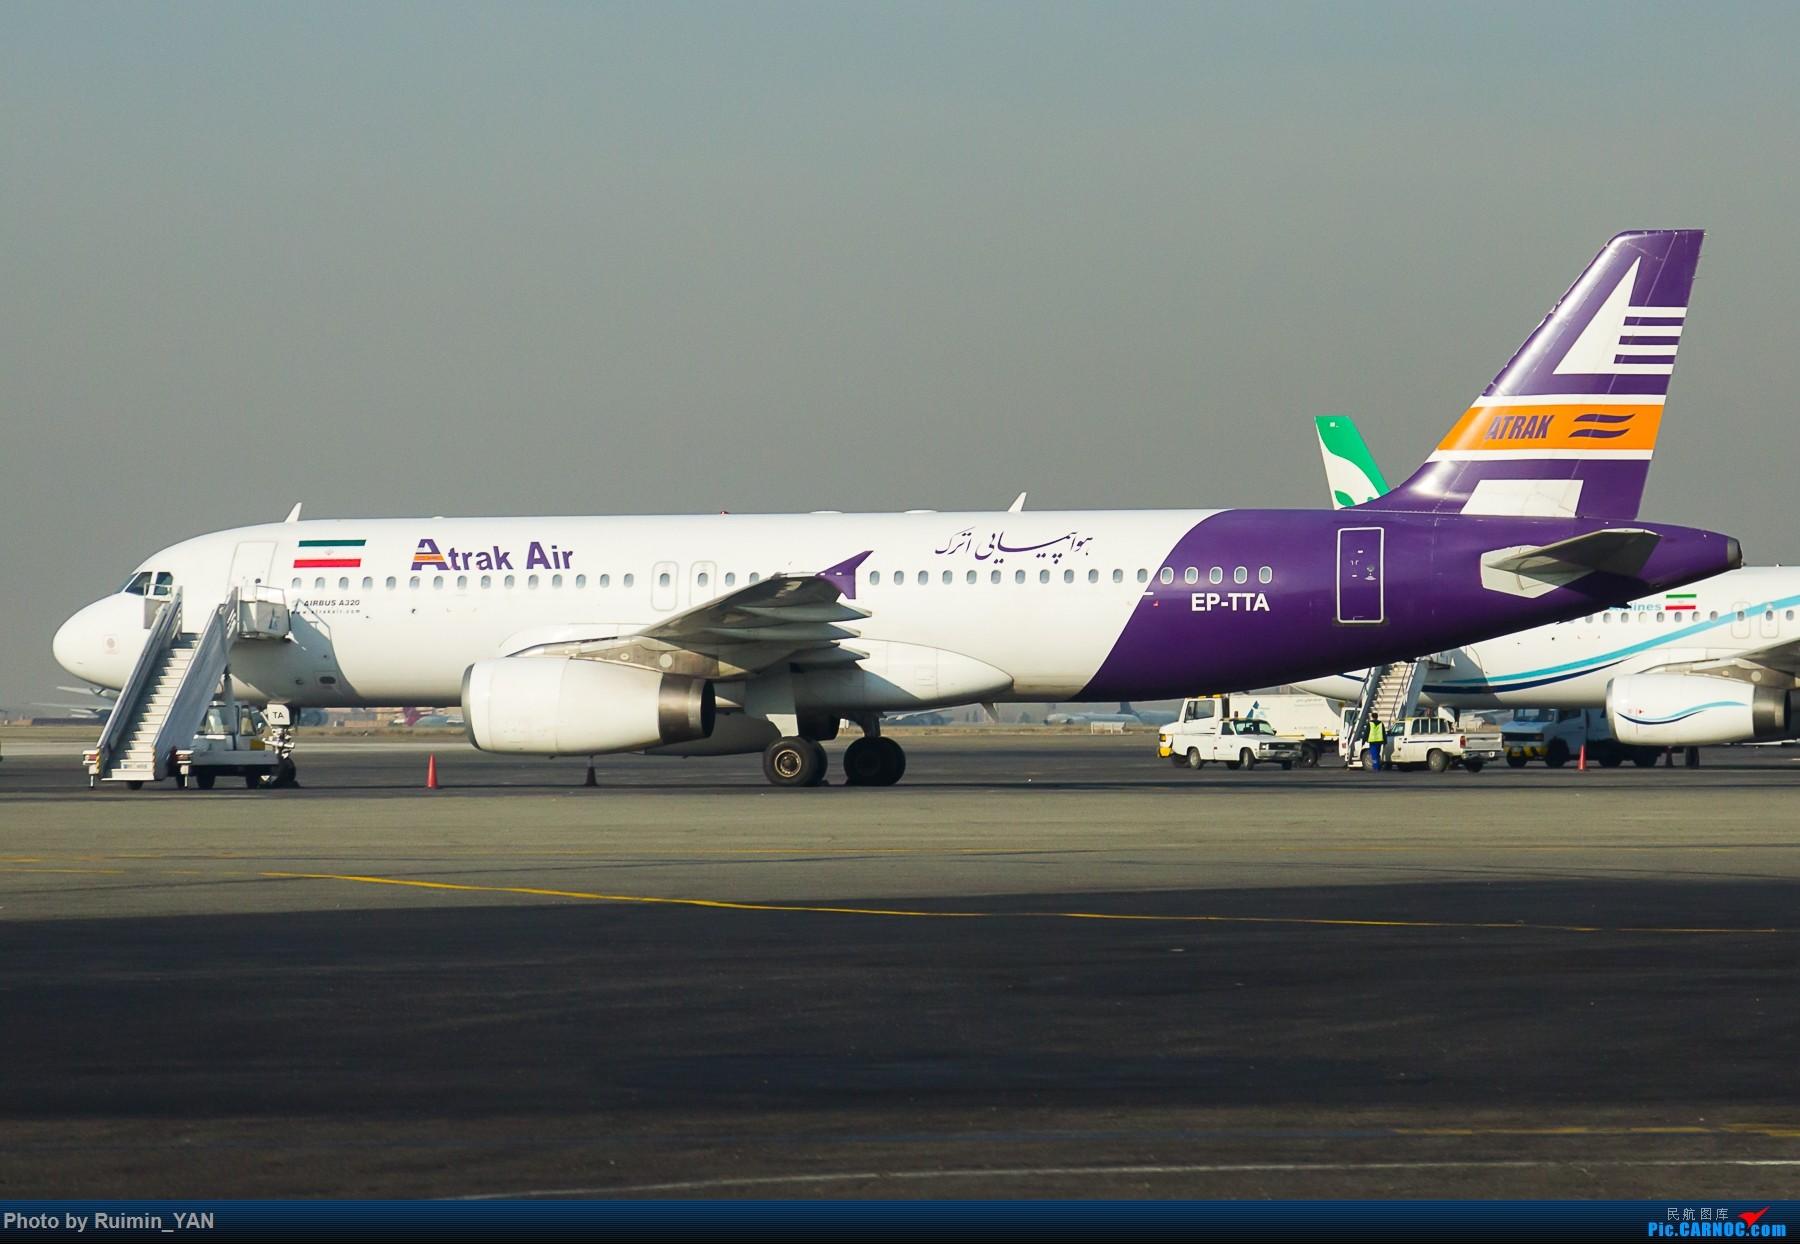 [原创]【THR】(德黑兰梅赫拉巴德机场)伊朗Atrak航空(Atrak Air)--A320 AIRBUS A320-200 EP-TTA 伊朗德黑兰机场